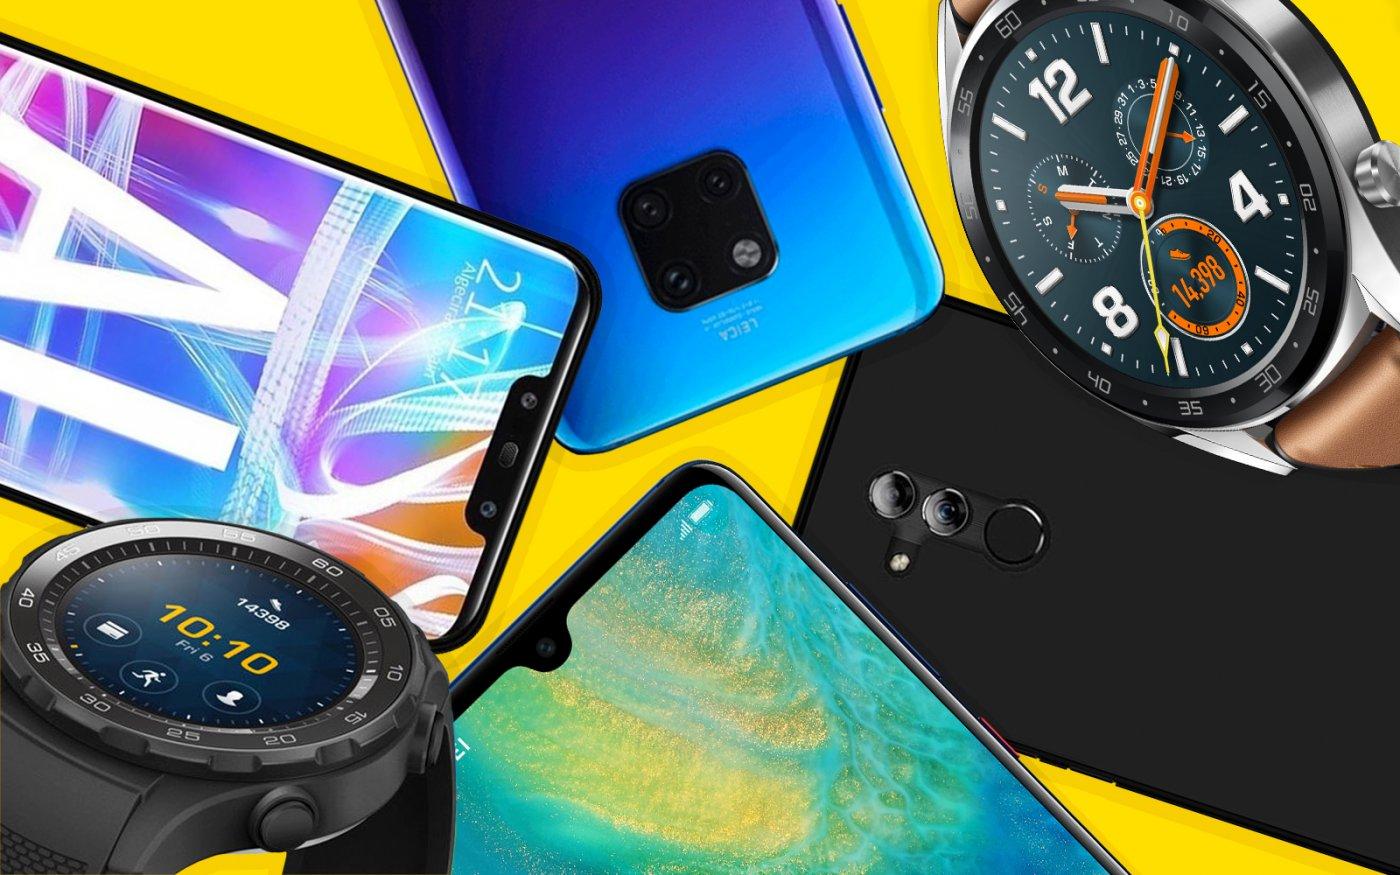 Smartwatch Un Adecuado Quieres En La Artículo El Huawei Cara Por Estás PukZXi